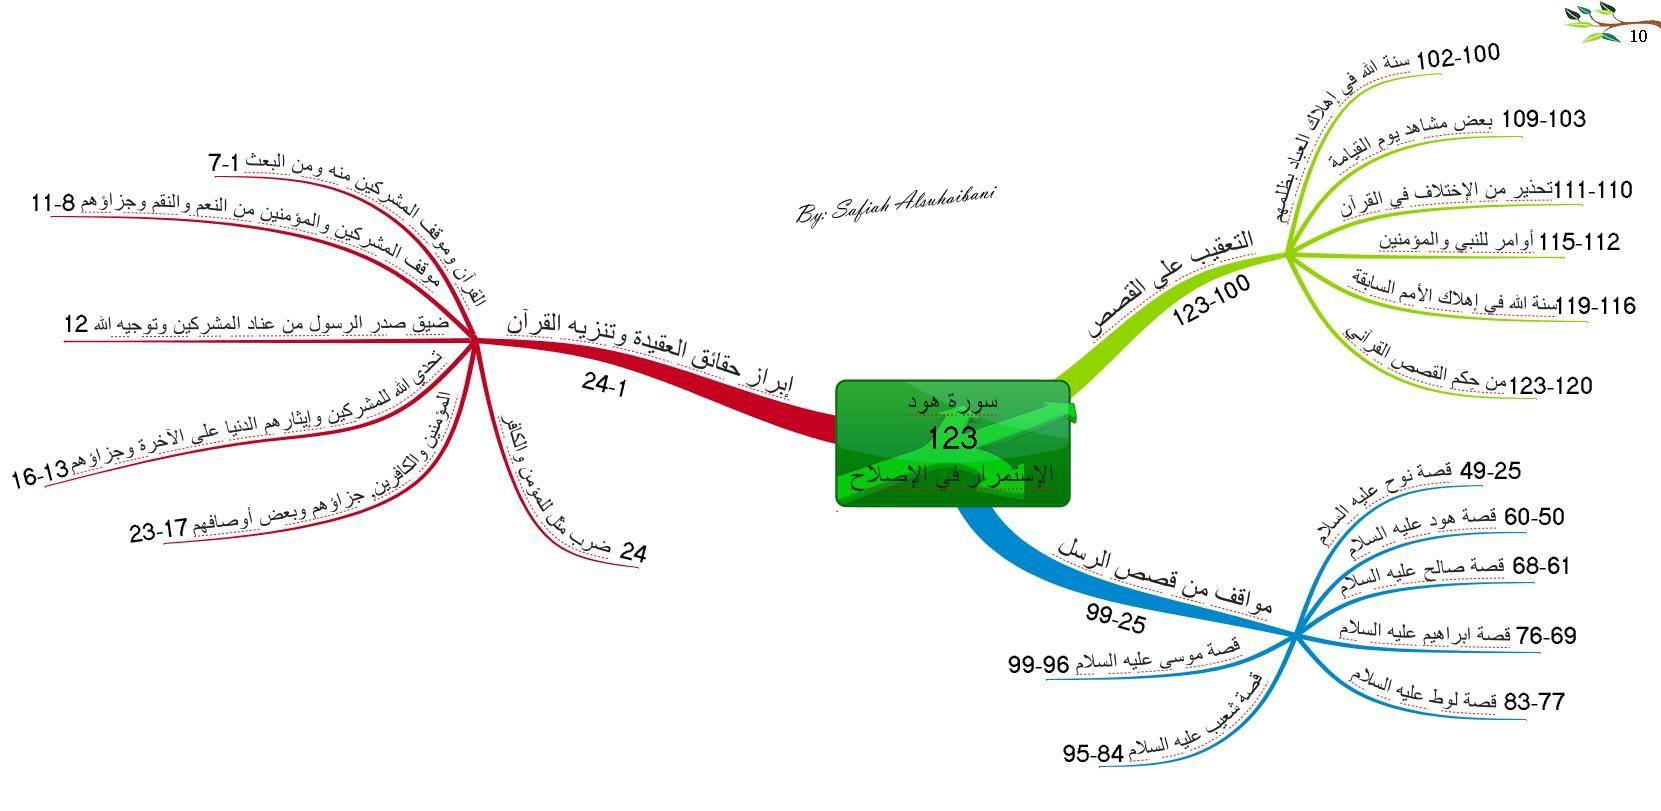 الخرائط الذهنية لسور القرآن الكريم سورة هود Mind Map Quran Book Quran